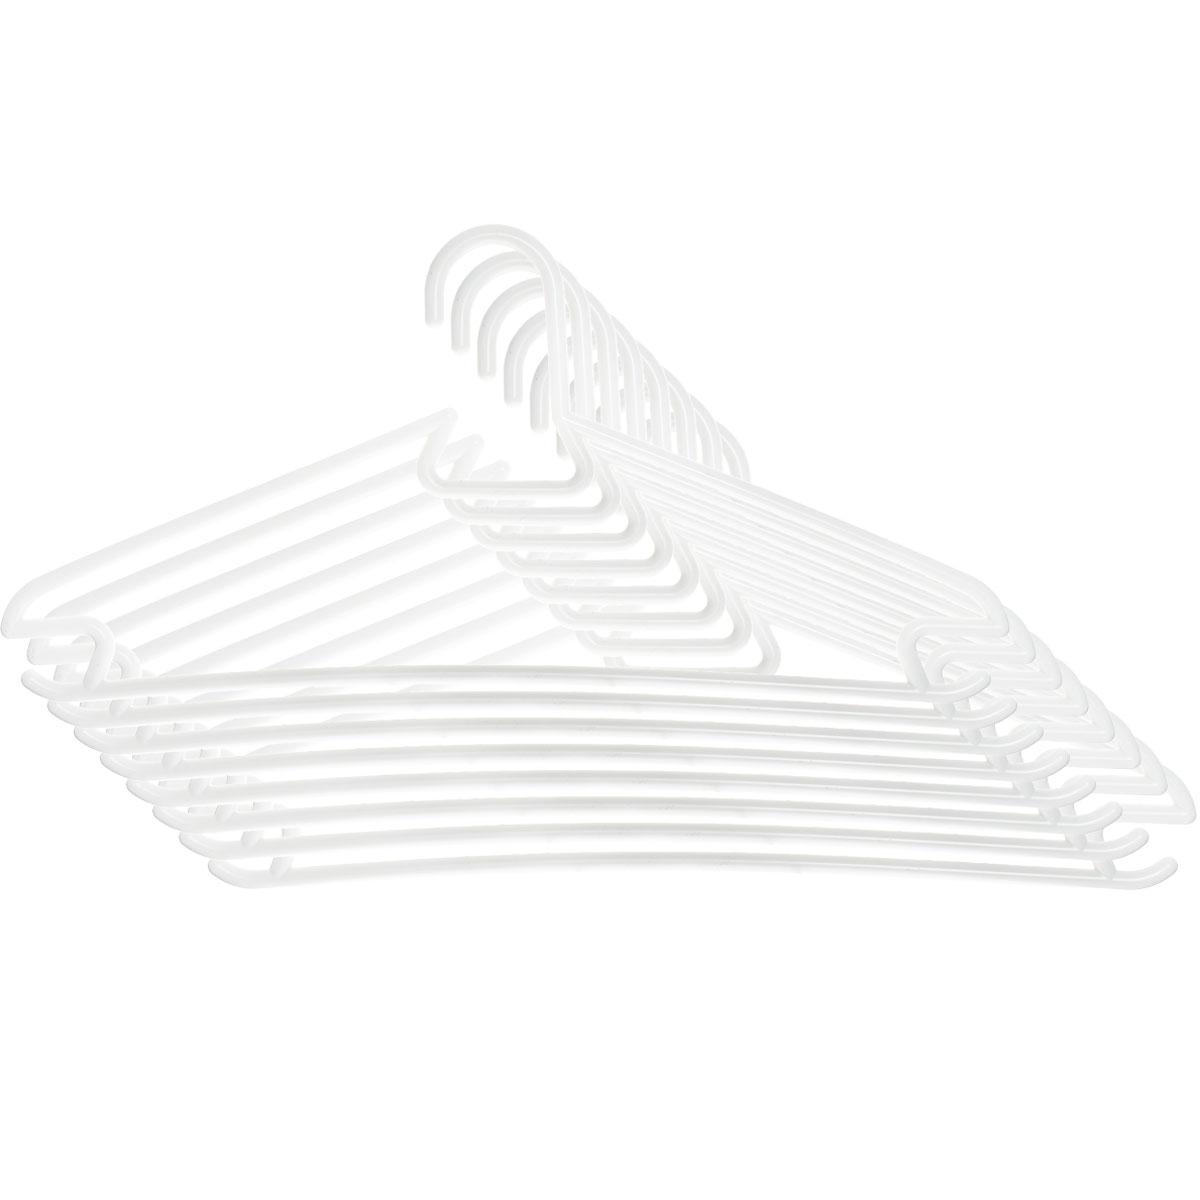 Вешалка для одежды MTM Популярная, цвет: белый, 8 шт4127_белыйУниверсальная вешалка для одежды MTM Популярная изготовлена из легкого и гибкого пластика. Изделие оснащено перекладиной и двумя крючками. Вешалка - это незаменимая вещь для того, чтобы ваша одежда всегда оставалась в хорошем состоянии.